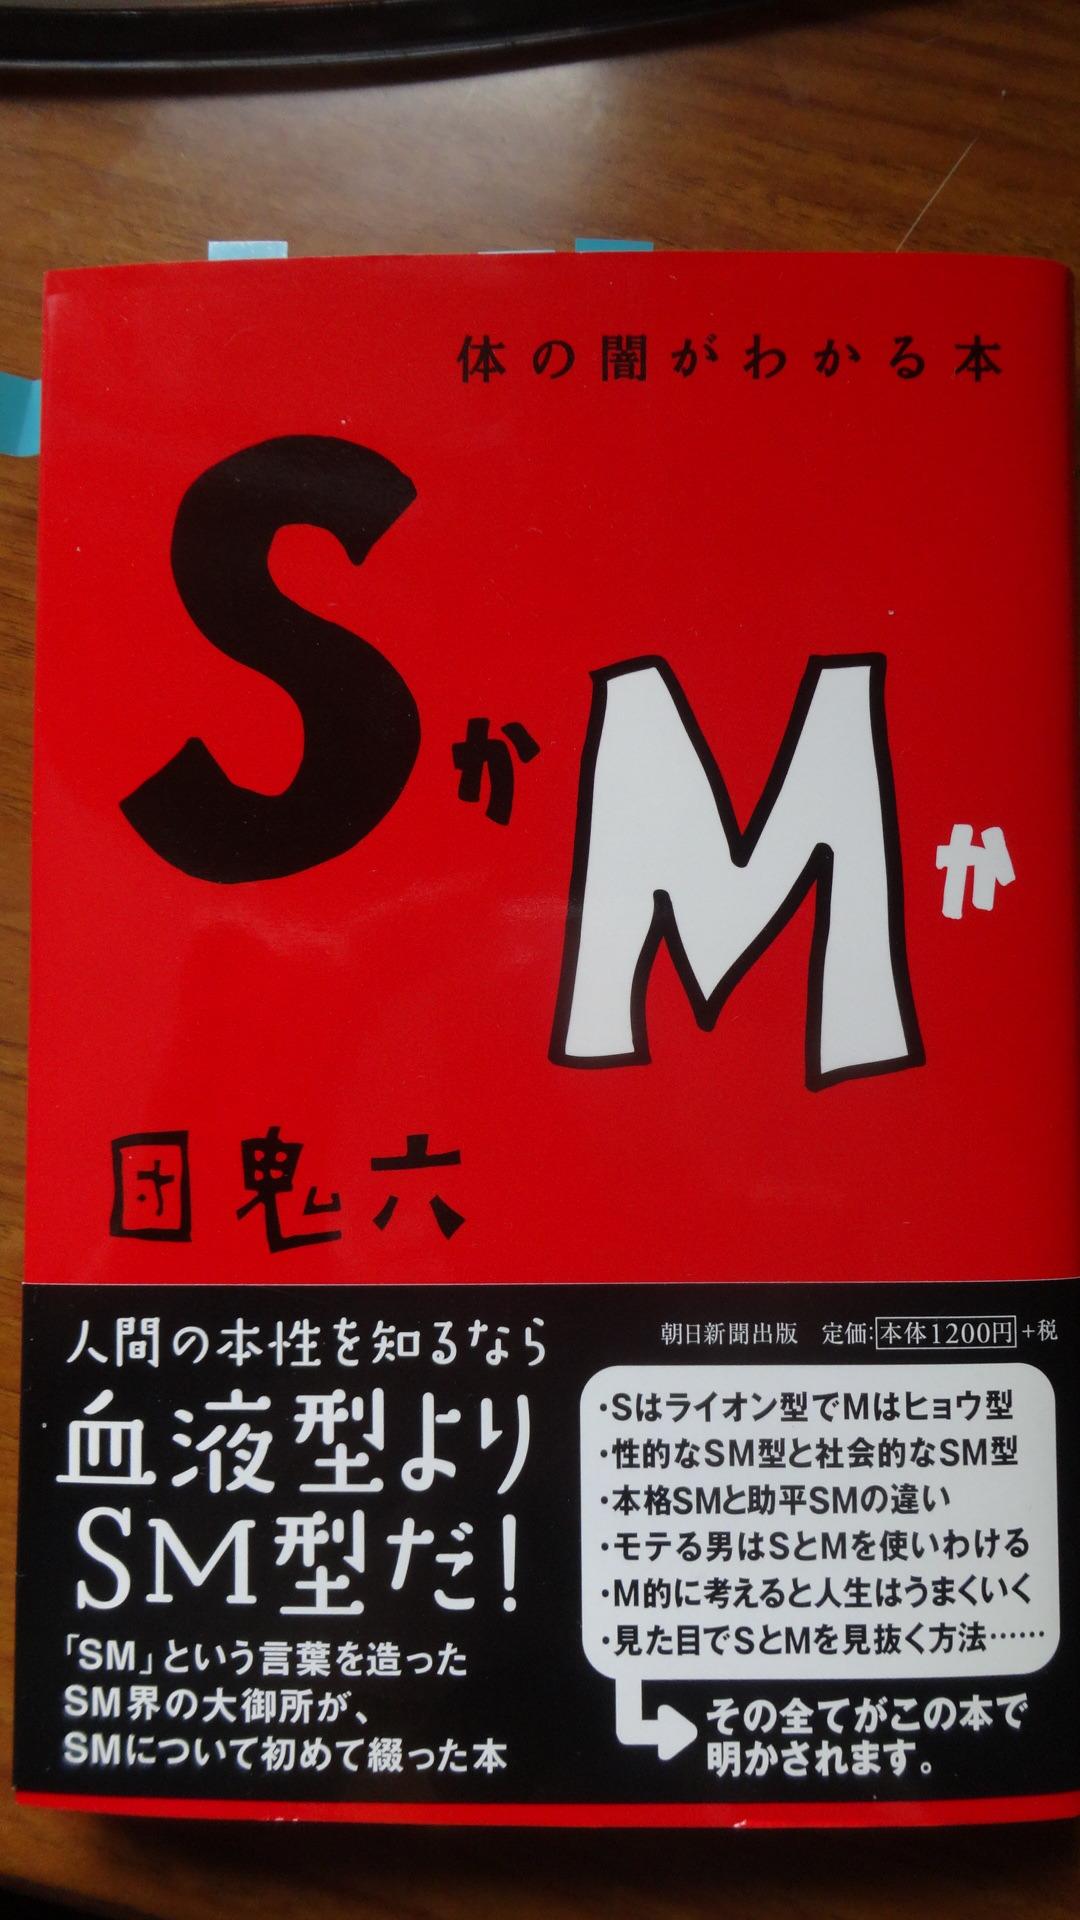 >「体の闇がわかる本:SかMか」 の表紙